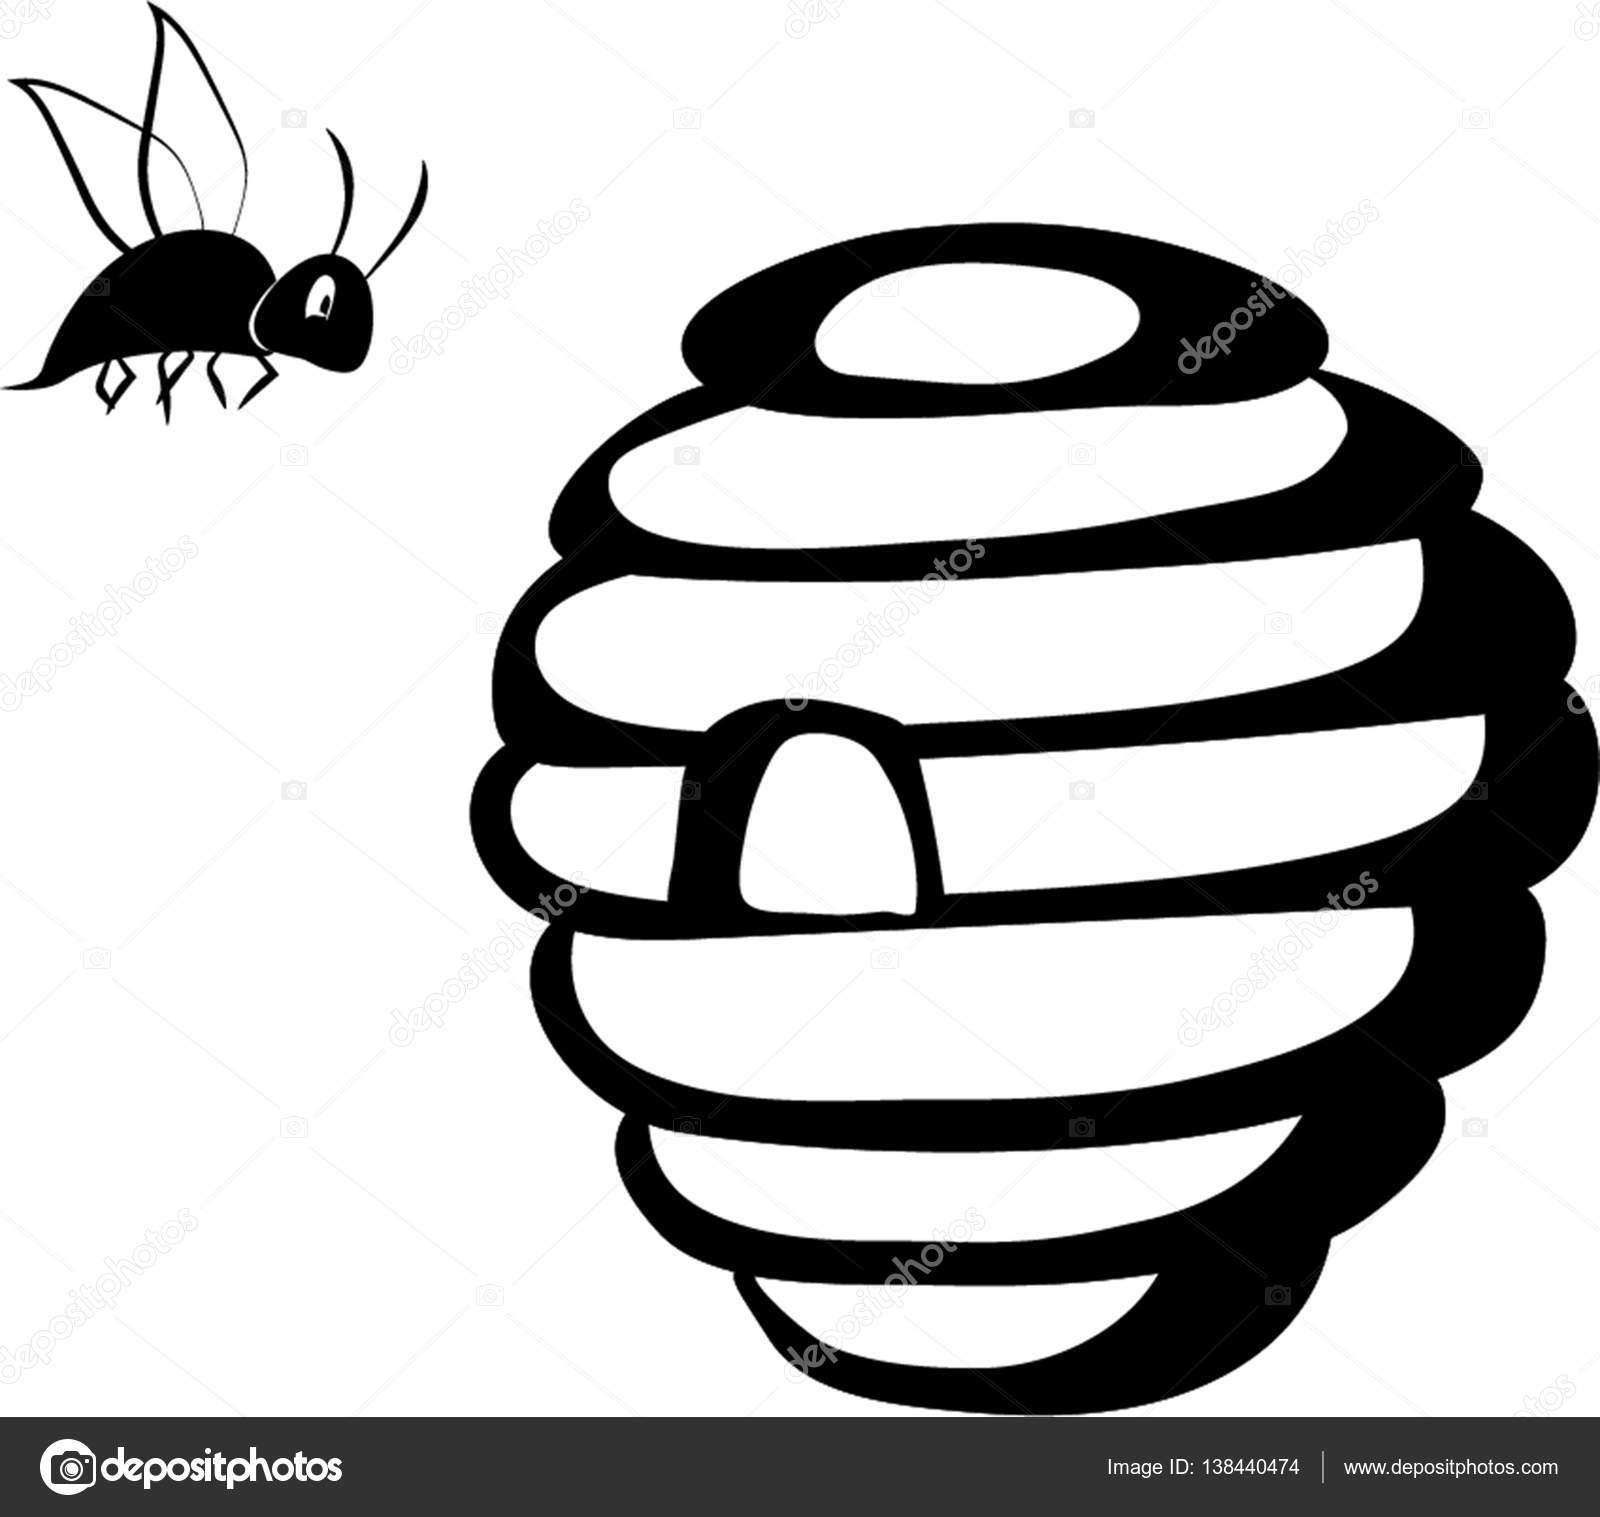 Dessin de contour de ruche sauvage avec abeille image - Dessin contour ...